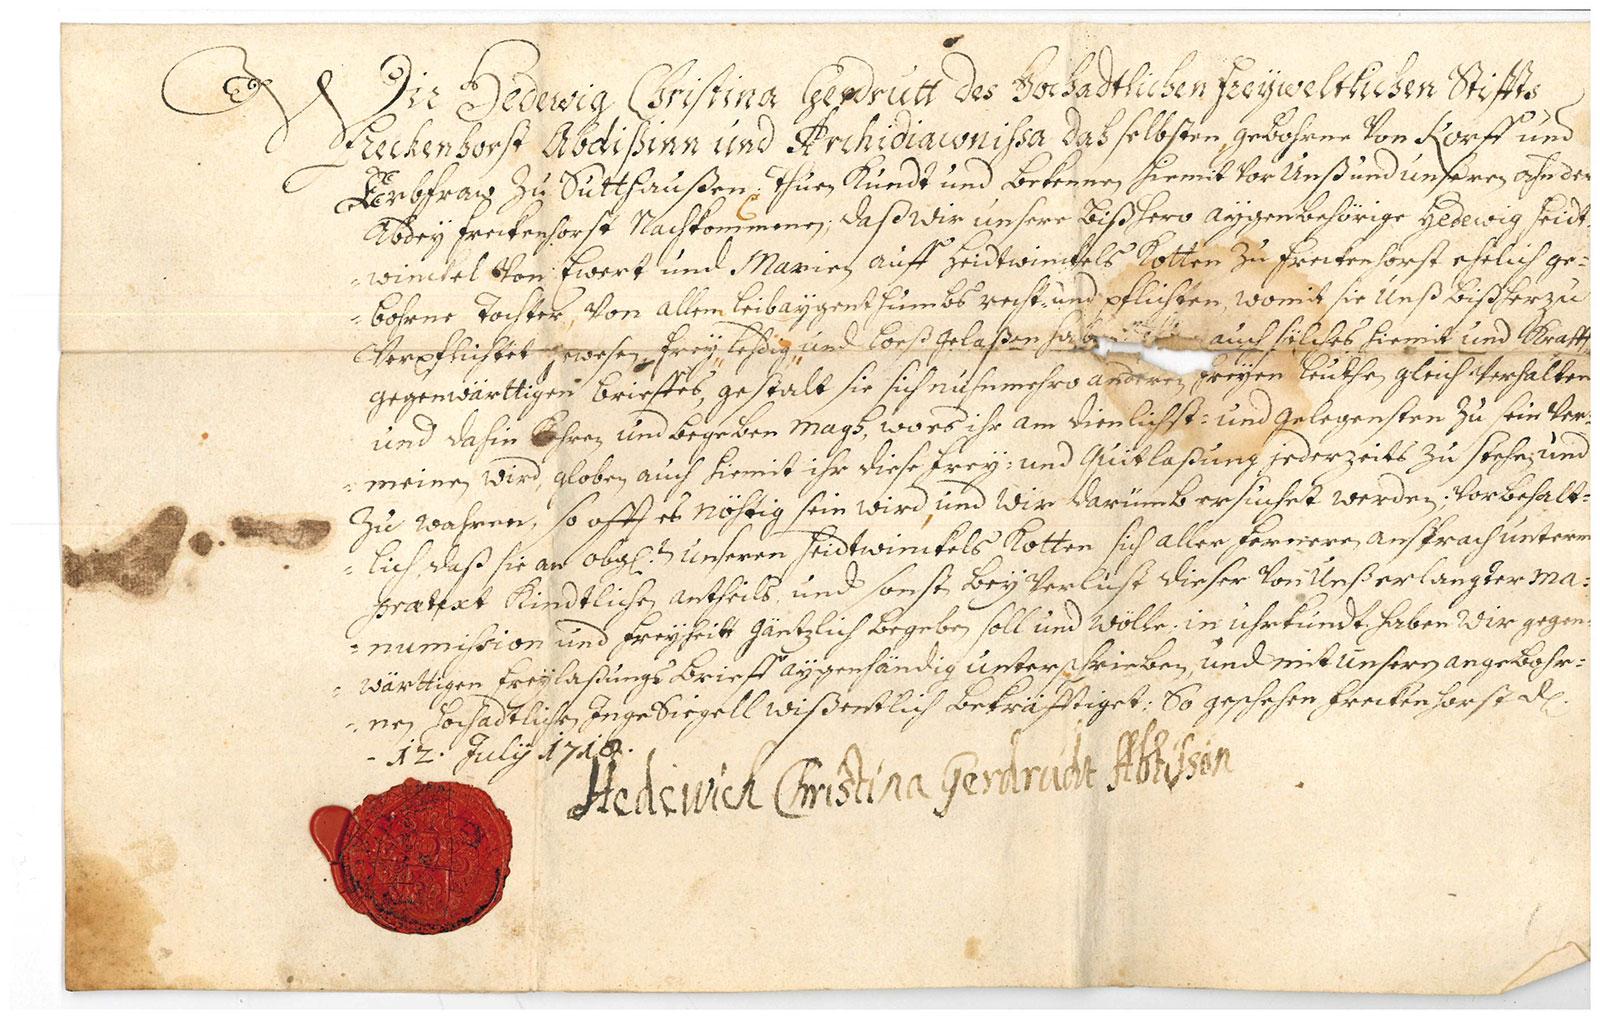 Freibrief (Entlassung aus der Leibeigenschaft) Freckenhorst, 1710 Juli 12